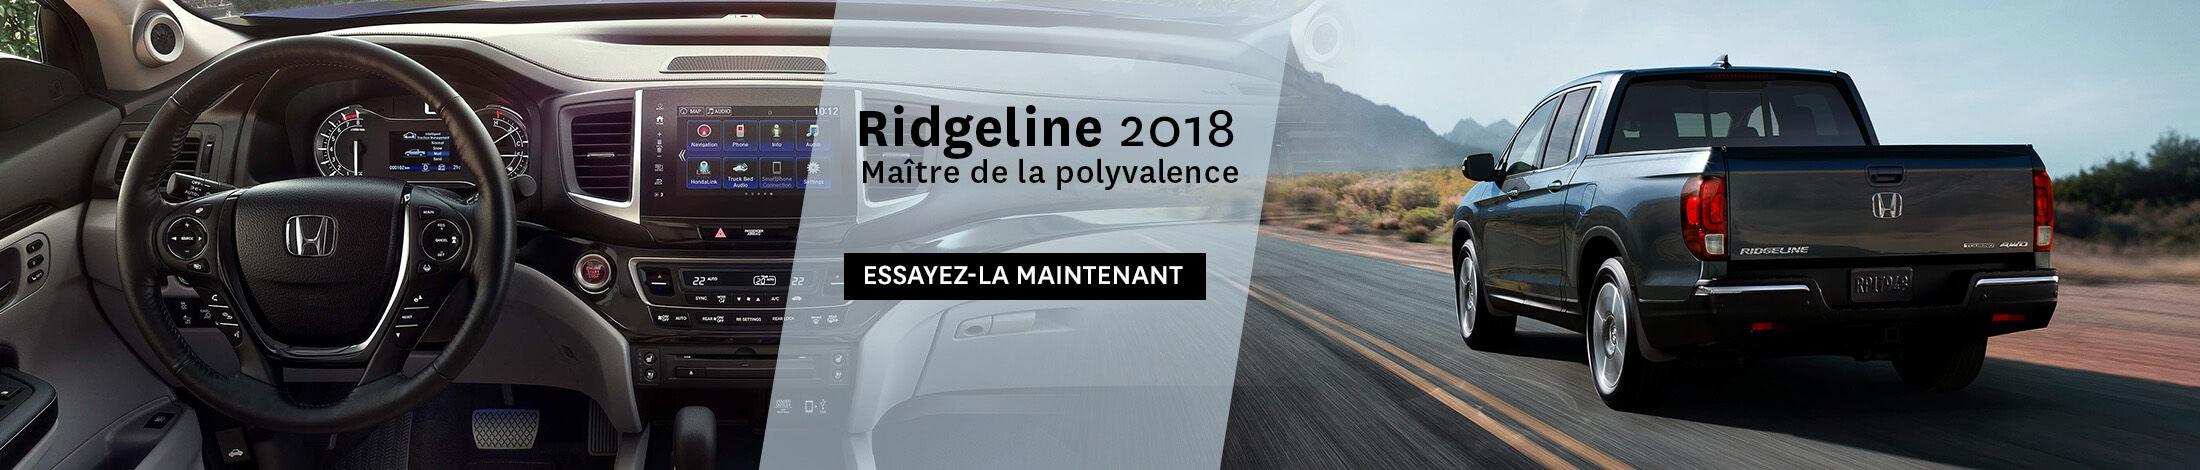 Ridgeline 2018